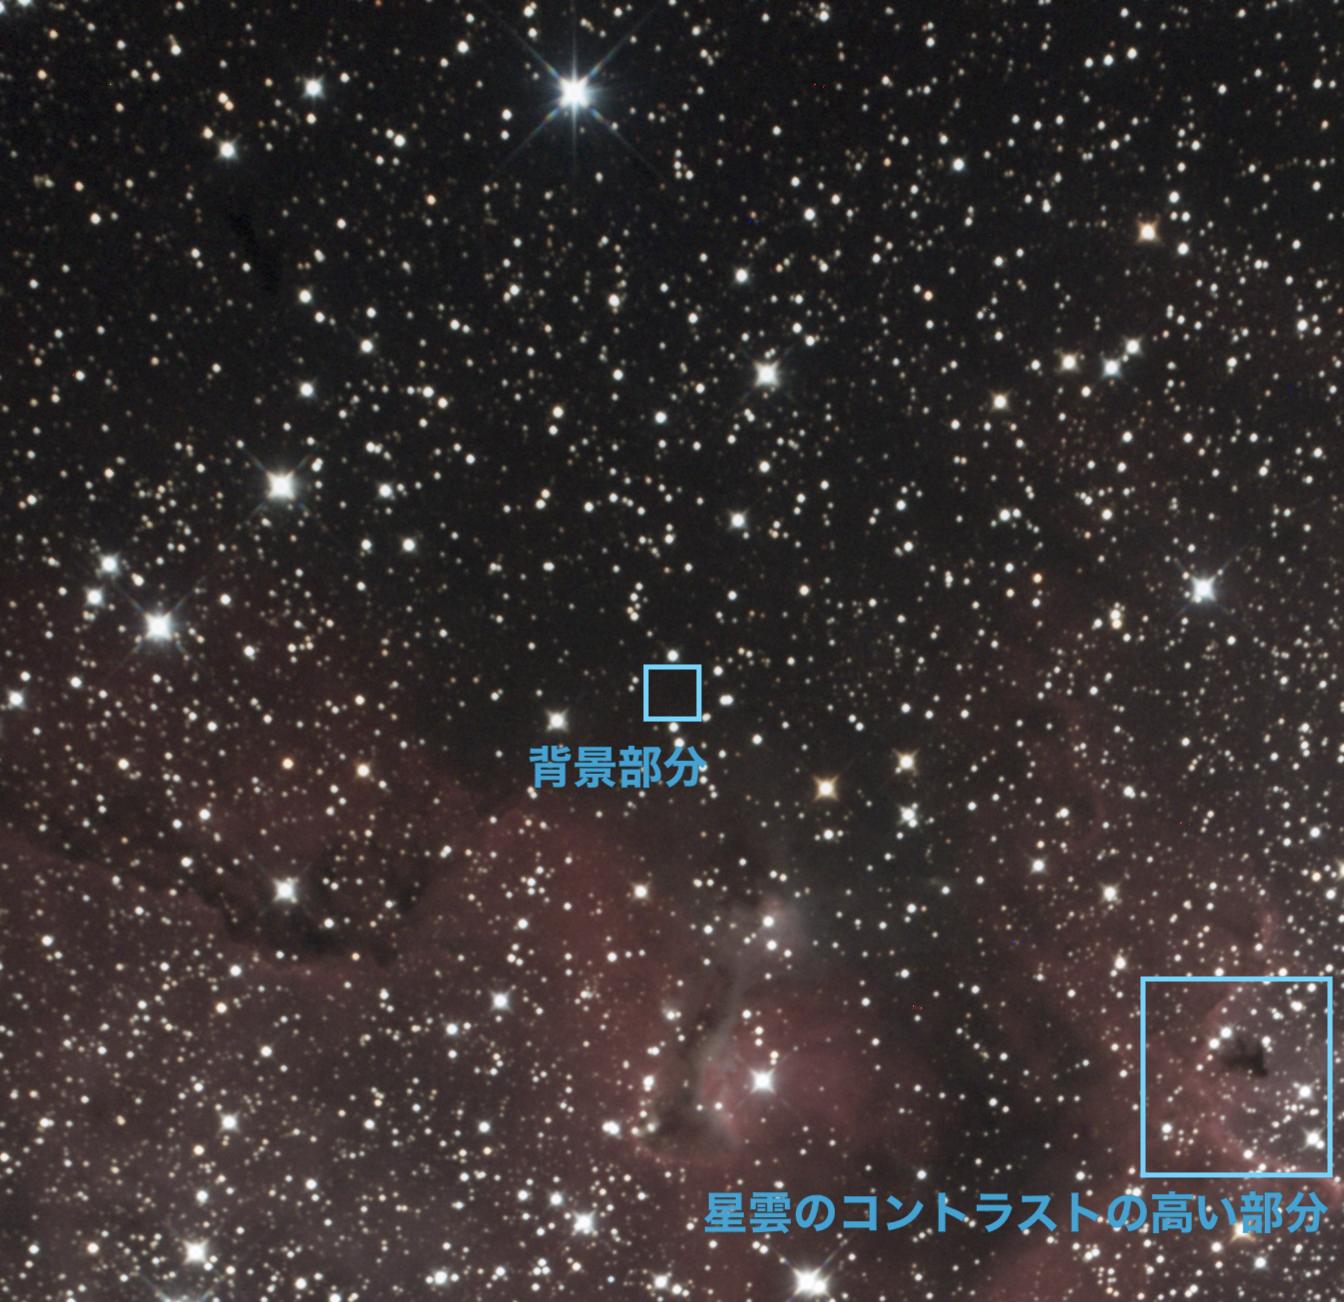 f:id:snct-astro:20210103234141p:plain